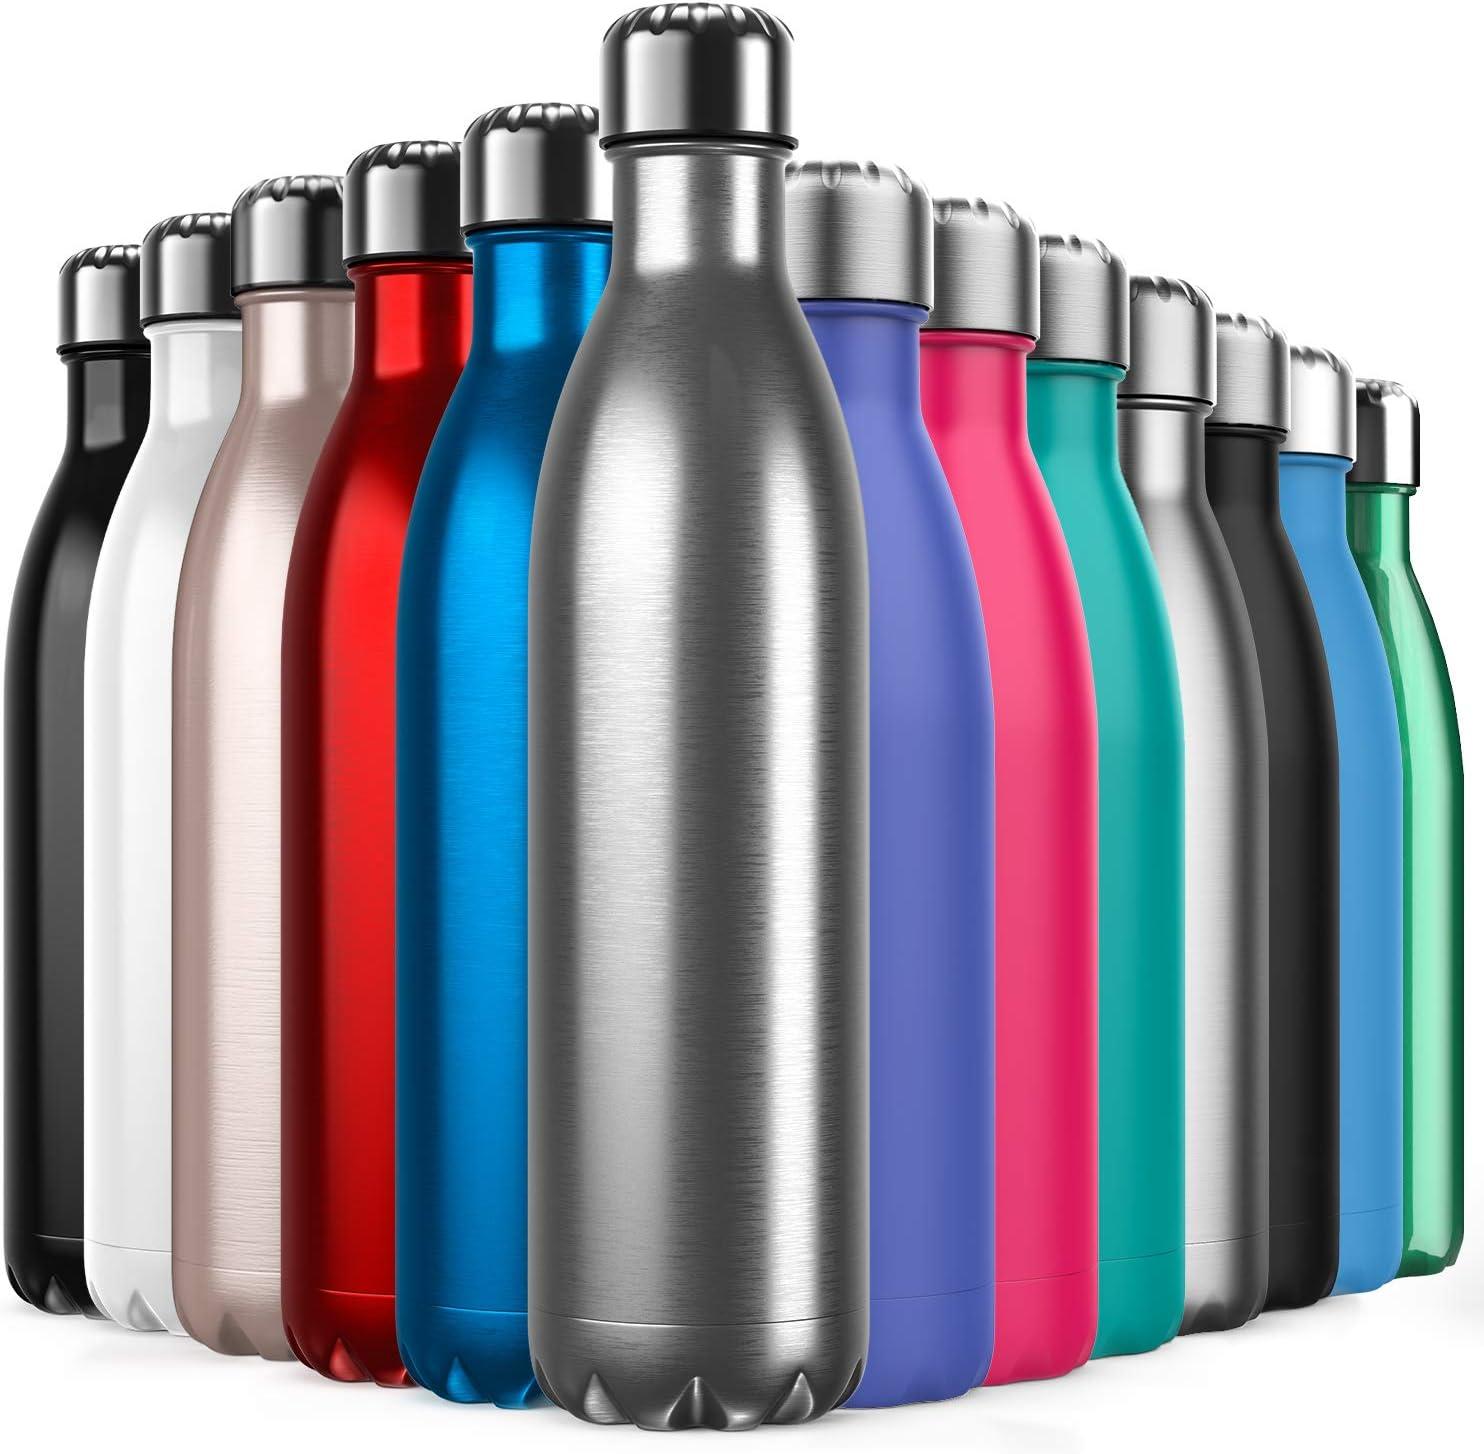 Invool Botella de Agua de Acero Inoxidable,Diseño de Pared Doble,Boca EstáNdar,para Correr,Gimnasio,Yoga,Ciclismo,750ML,Acero Inoxidable